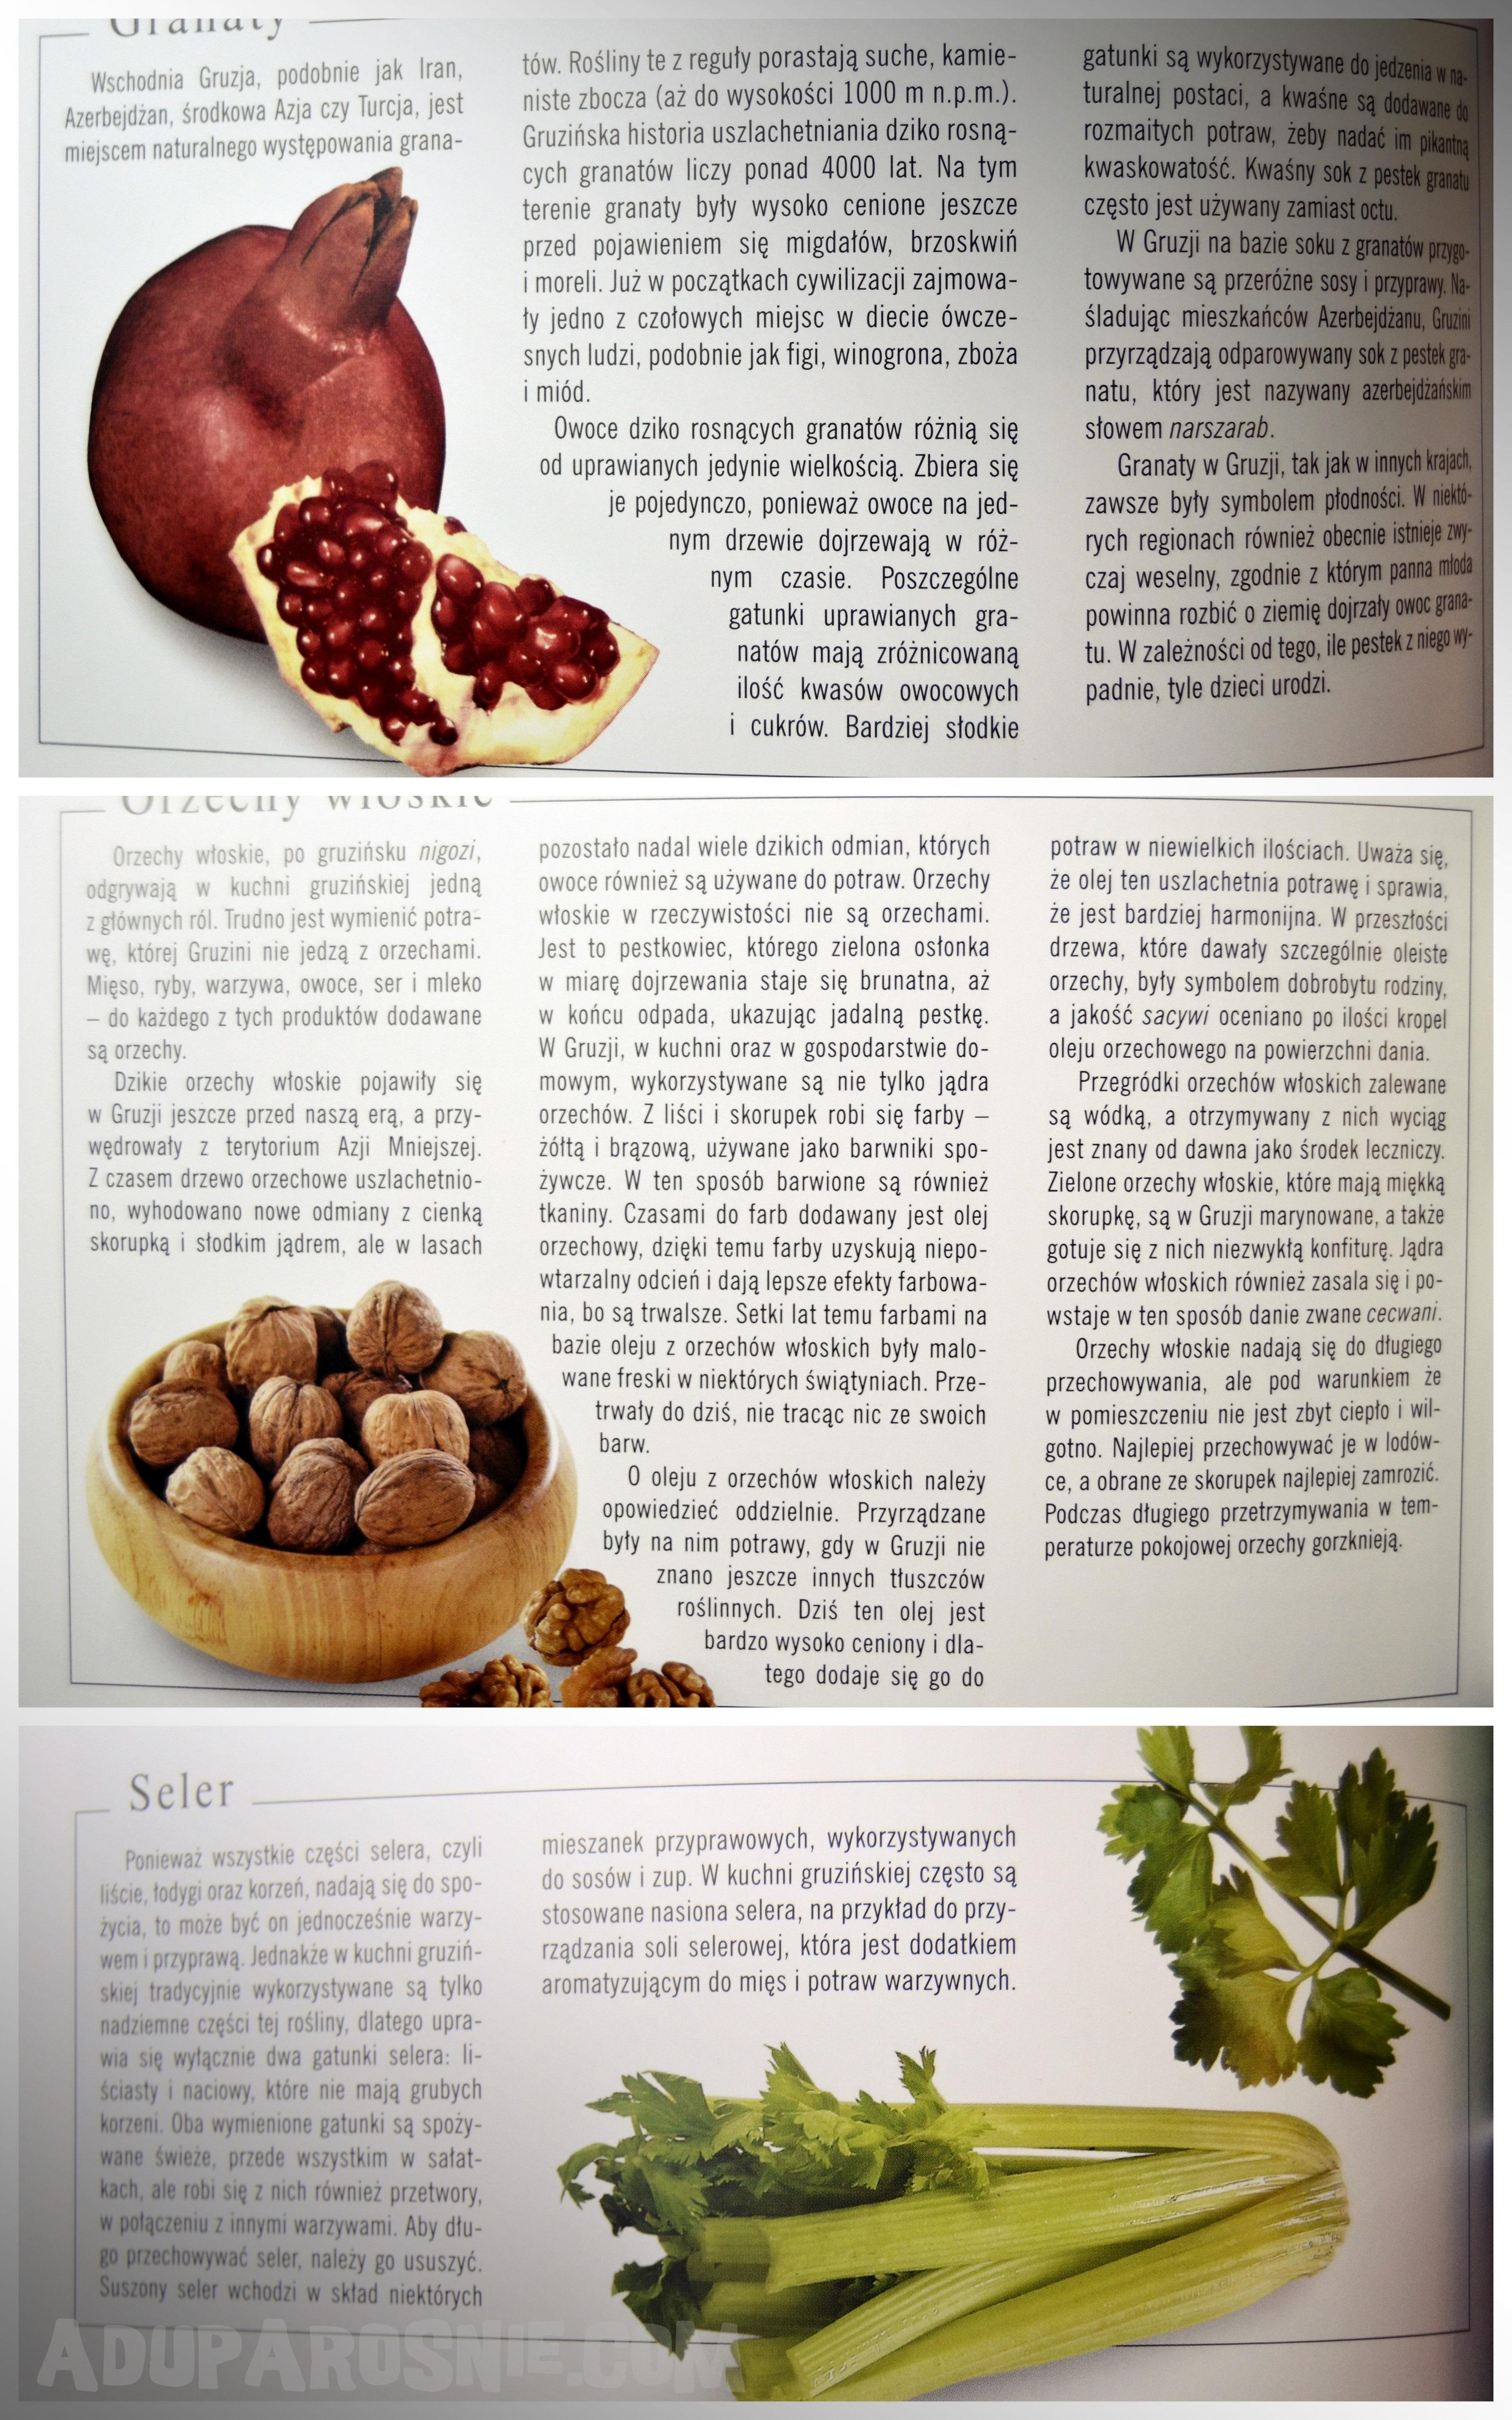 tradycyjna kuchnia gruzińska 8